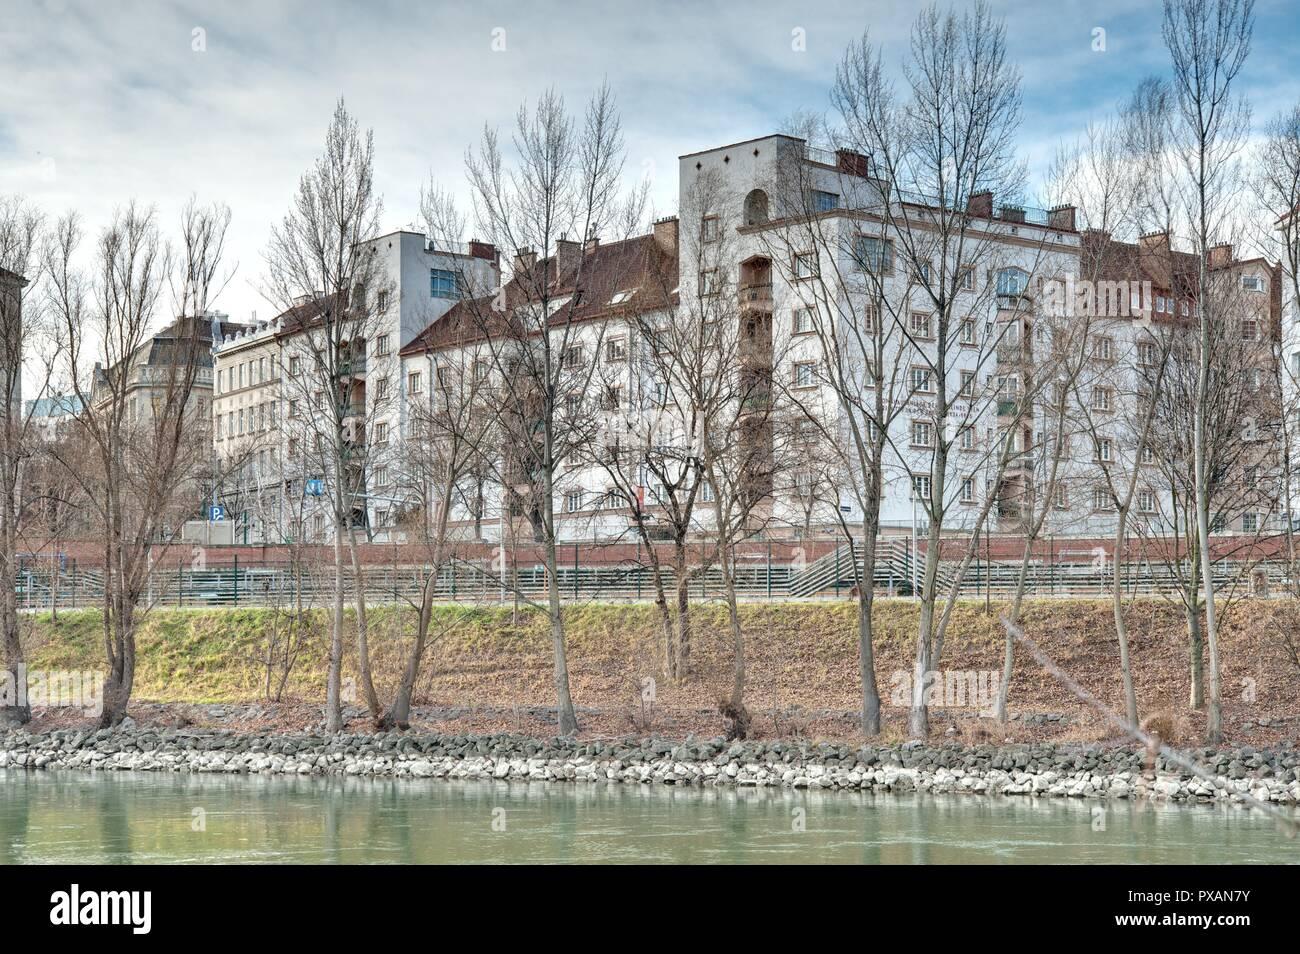 Wien, Gemeindebau des 'Roten Wien' - Vienna, Council Tenement Block, 'Red Vienna', Sigmund Freud-Hof, Gussenbauergasse 3–5, Josef Tölk, Ludwig Tremmel - Stock Image